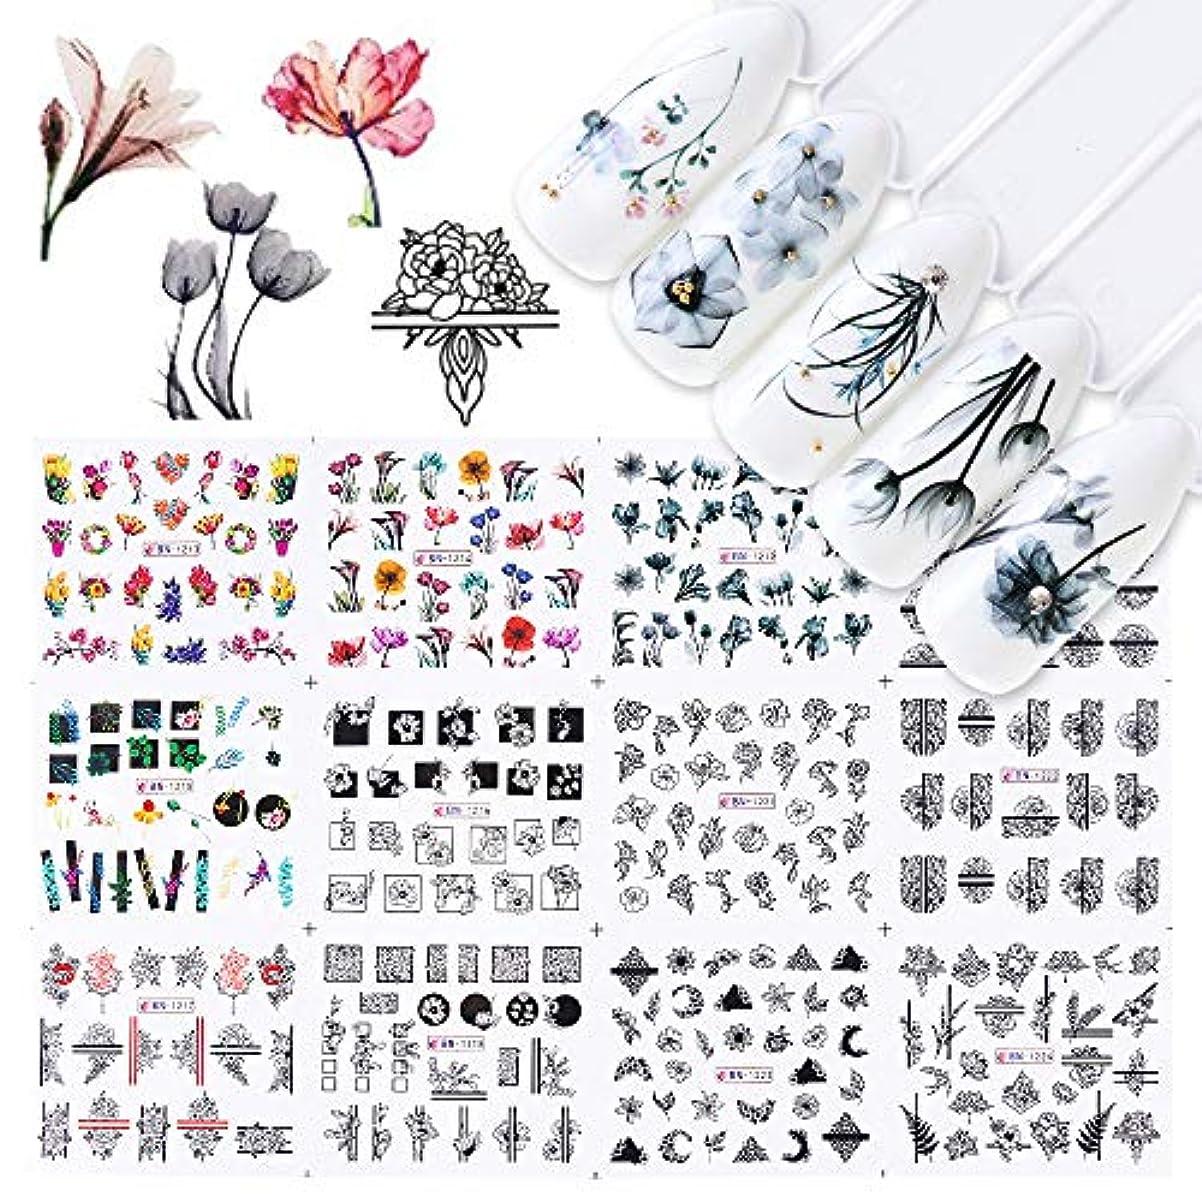 チャーム目指す精度SUKTI&XIAO ネイルステッカー 12ピース水ネイルステッカー水彩インクレース花中空デザインジェルマニキュアスライダー用ネイルデカールラップ紙